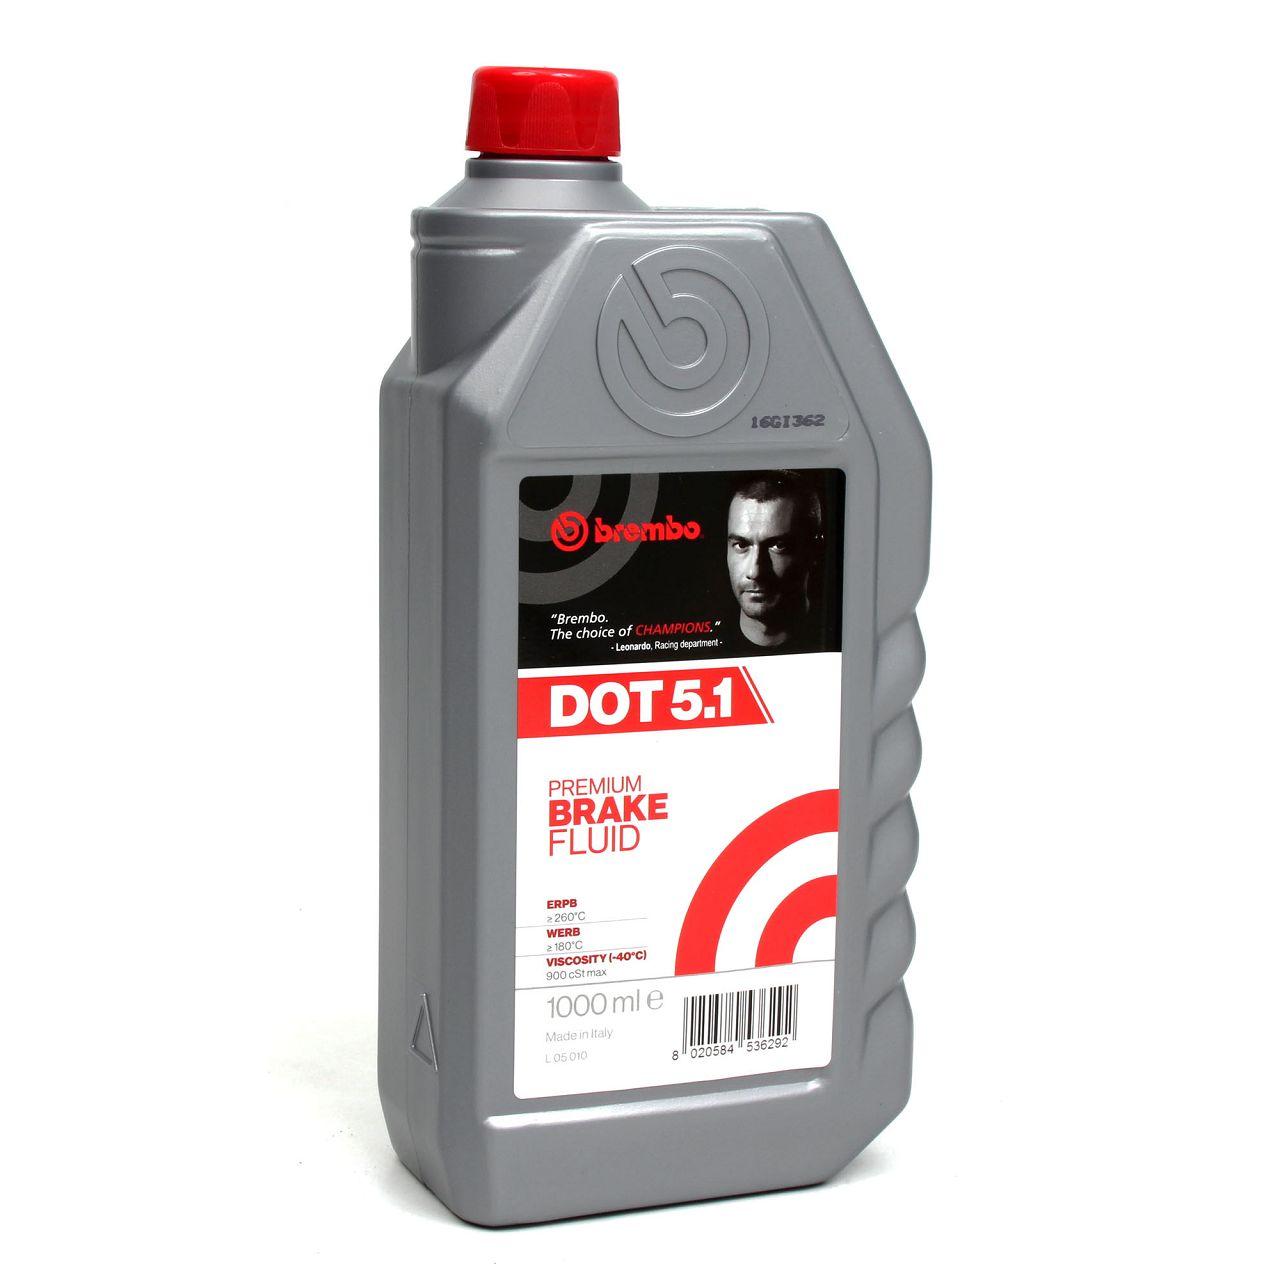 BREMBO Bremsflüssigkeit L05010 DOT 5.1 Premium Brake Fluid 1 L 1 Liter